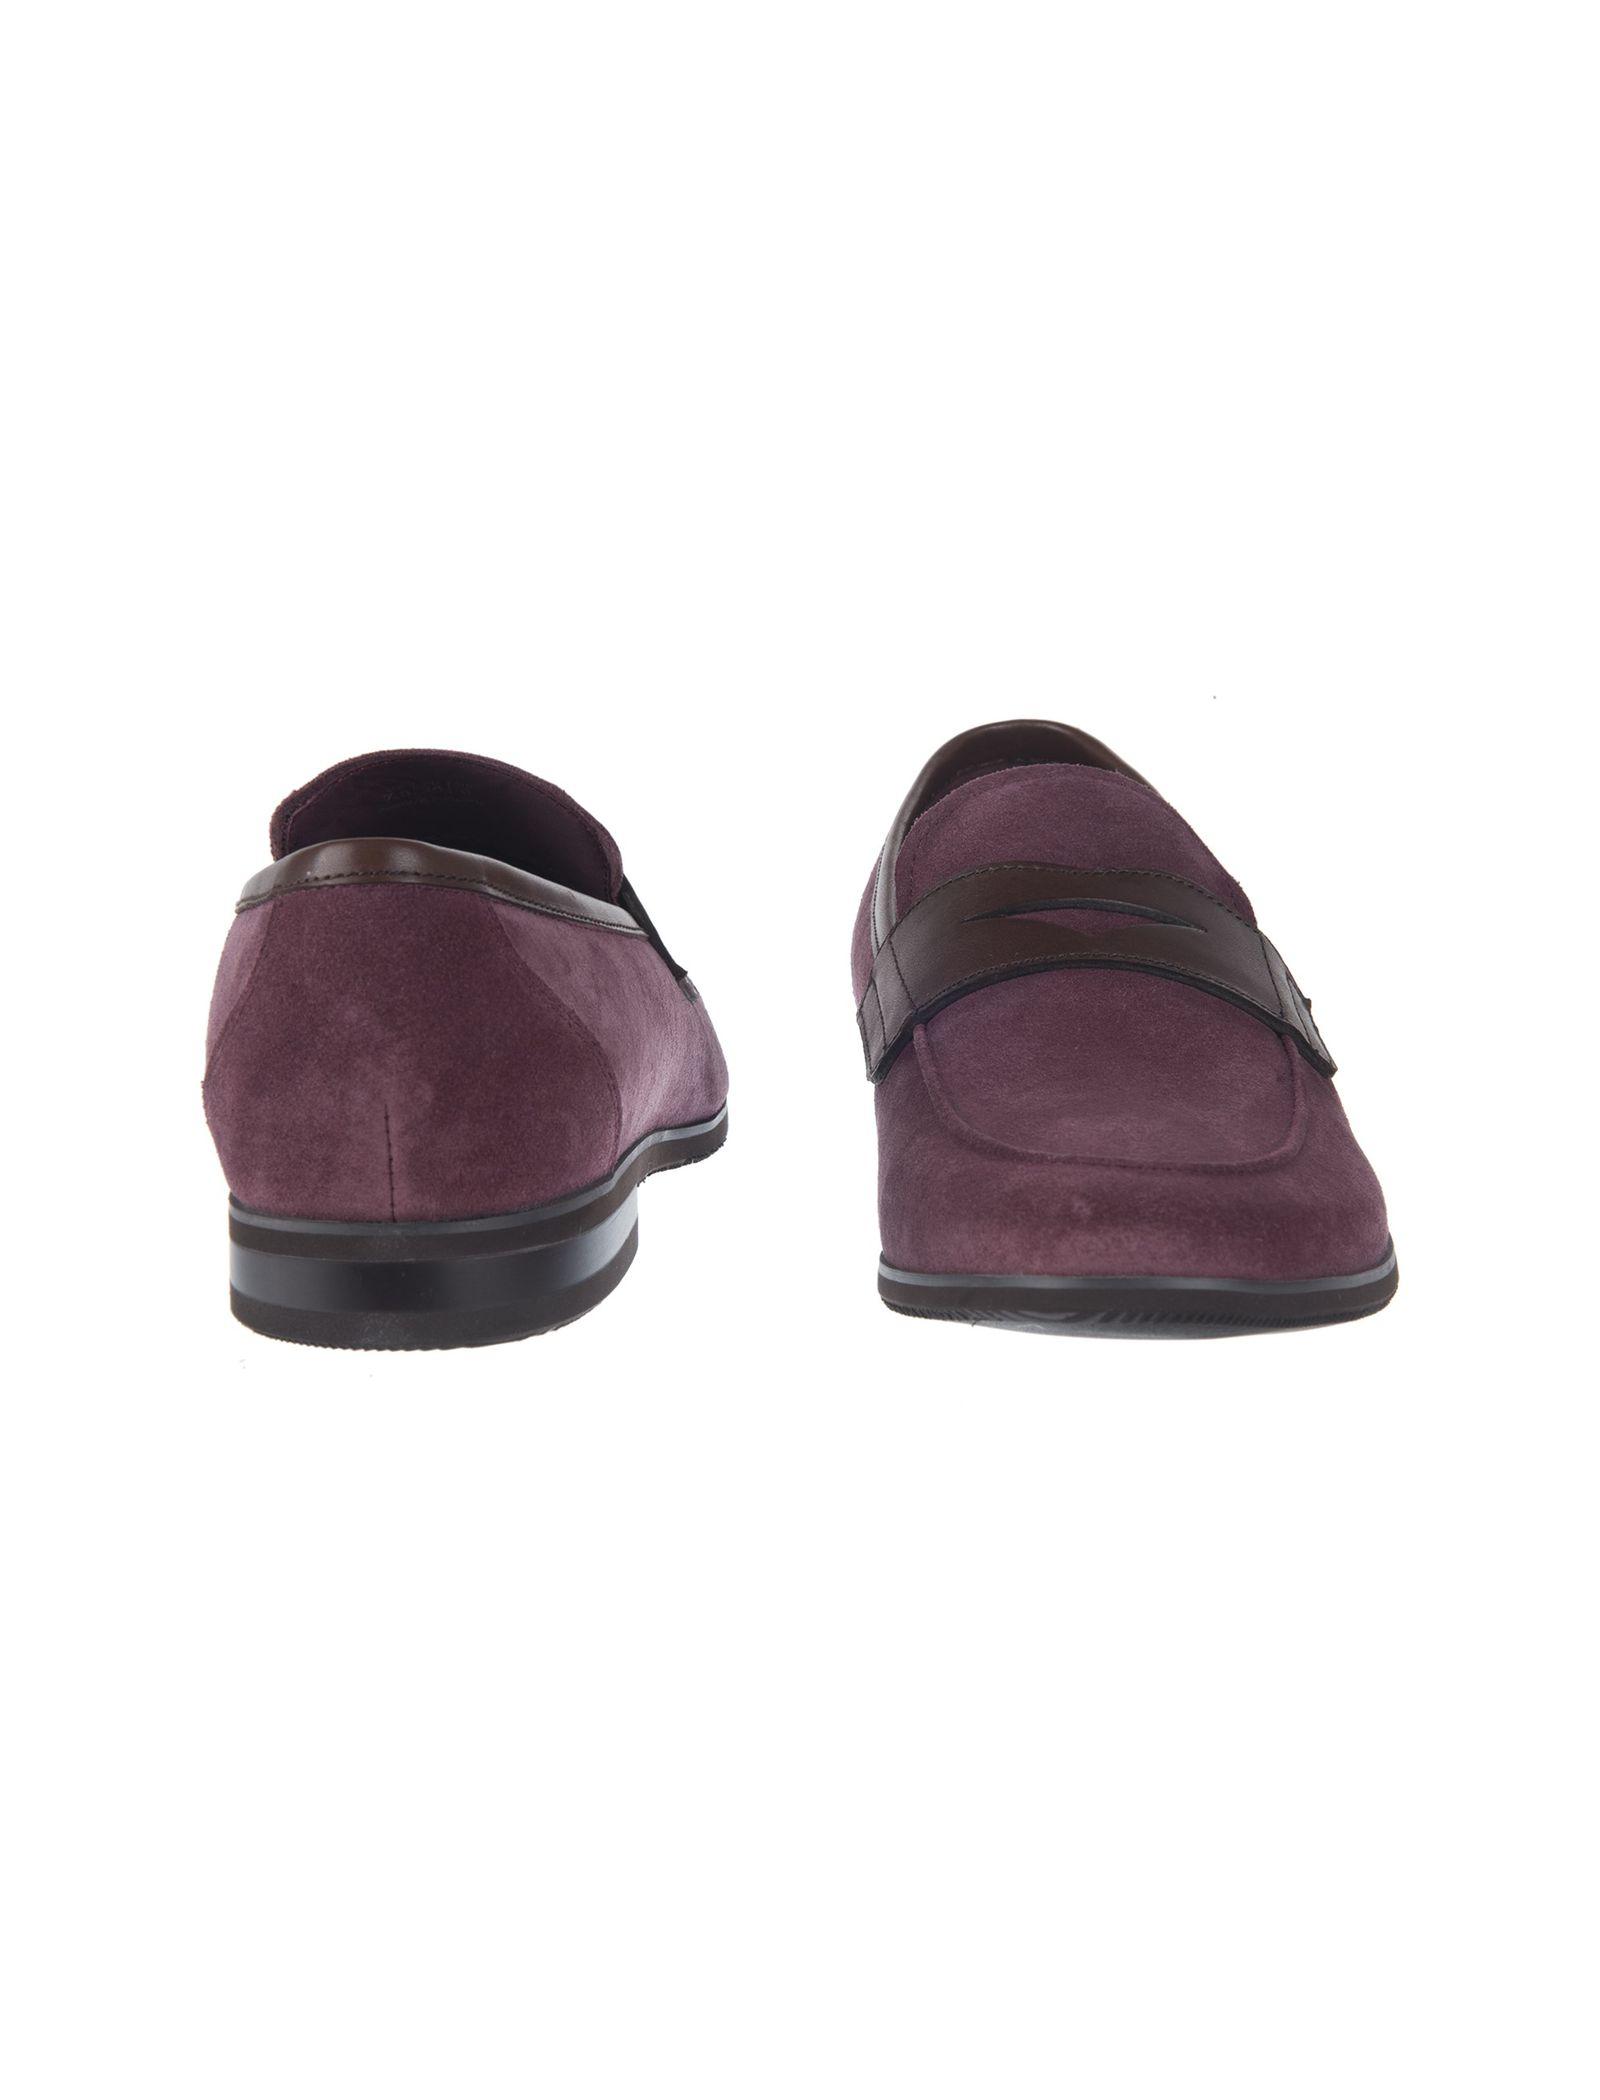 کفش چرم راحتی مردانه - بالدی - زرشکي - 3